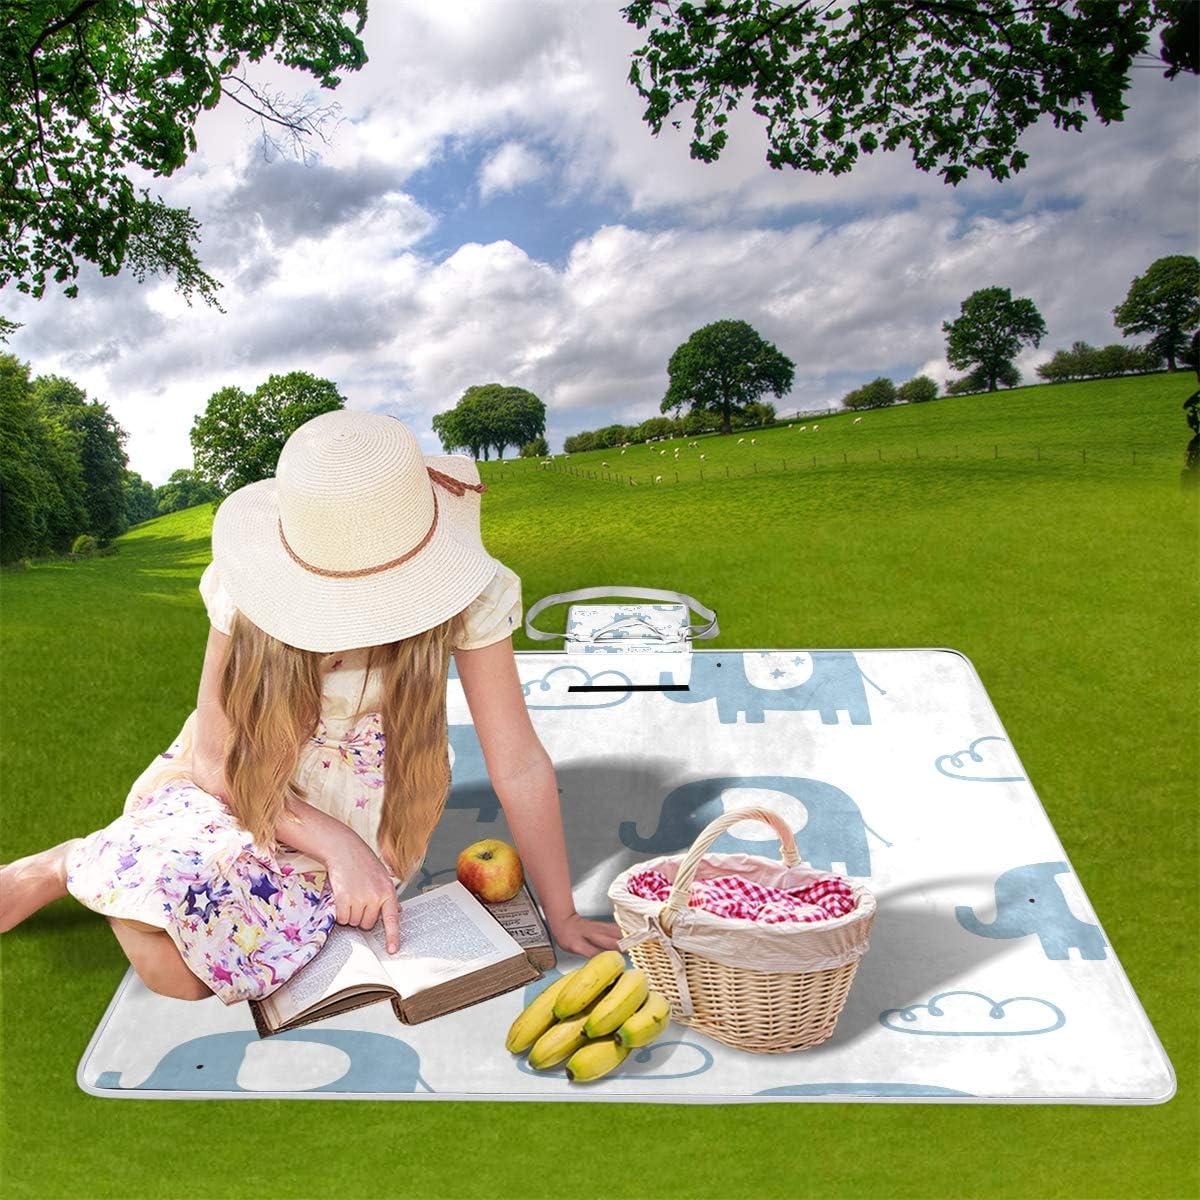 XINGAKA Coperta da Picnic Tappetino Campeggio,Fiori Svegli Senza Cuciture,Giardino Spiaggia Impermeabile Anti Sabbia 16